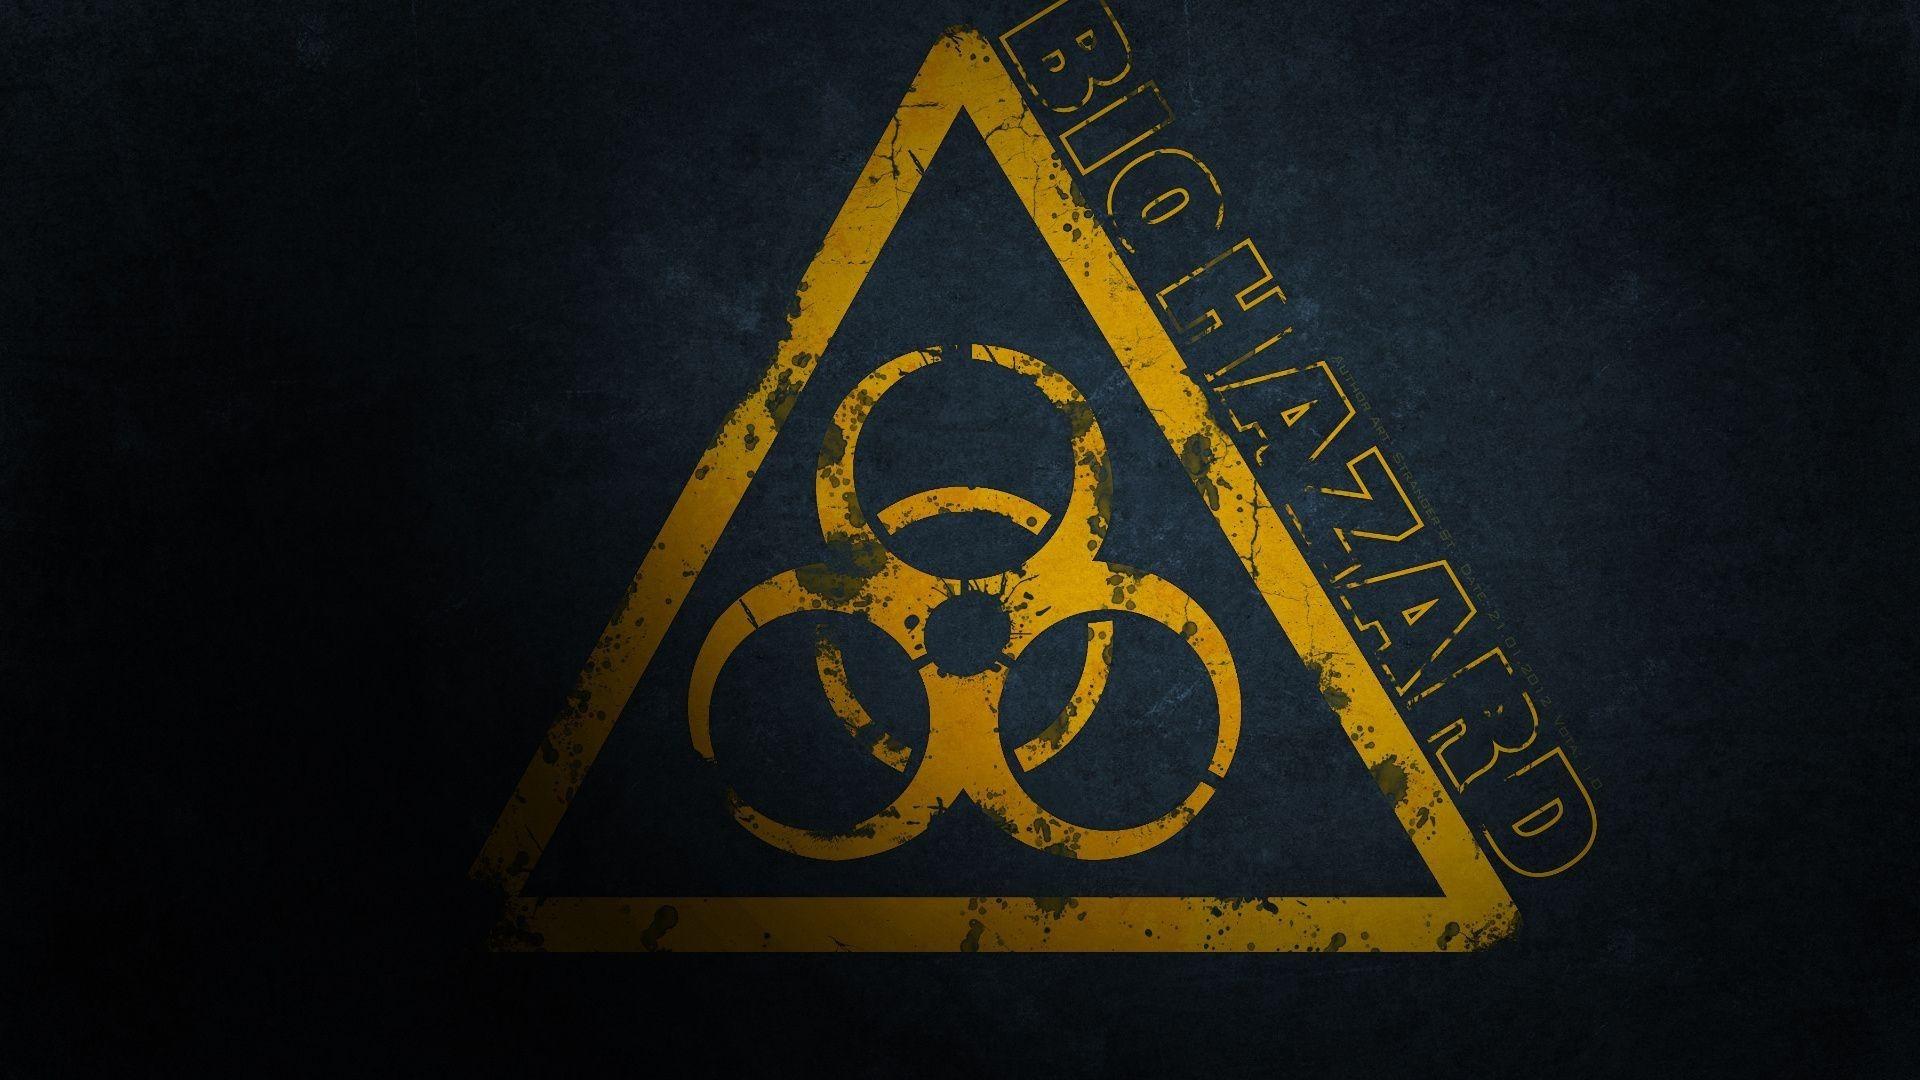 Danger wallpaper photo full hd